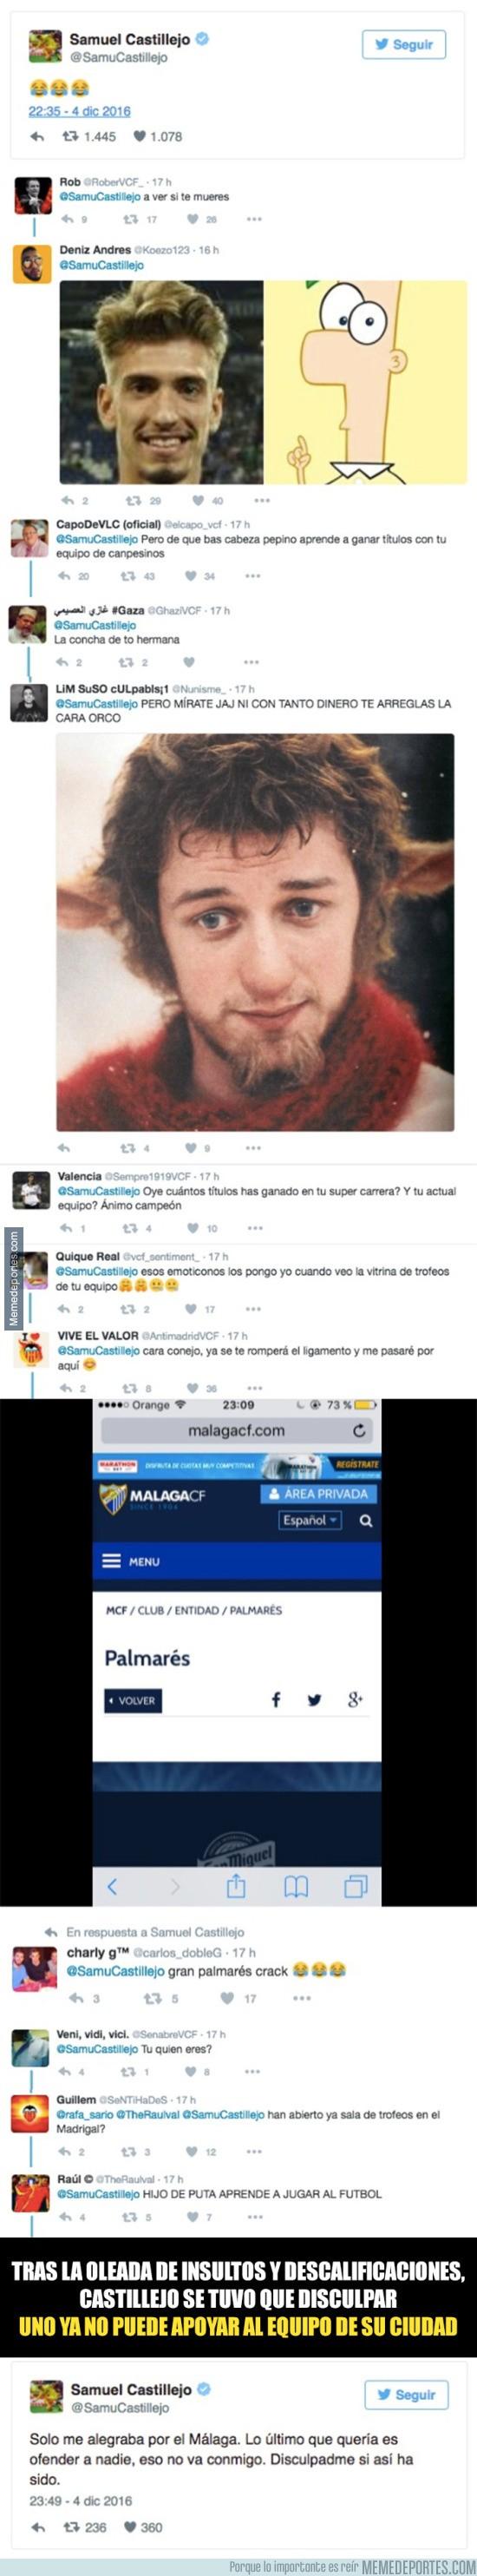 930214 - Samu Castillejo hace un Piqué, lo amenazan de muerte y tiene que rectificar